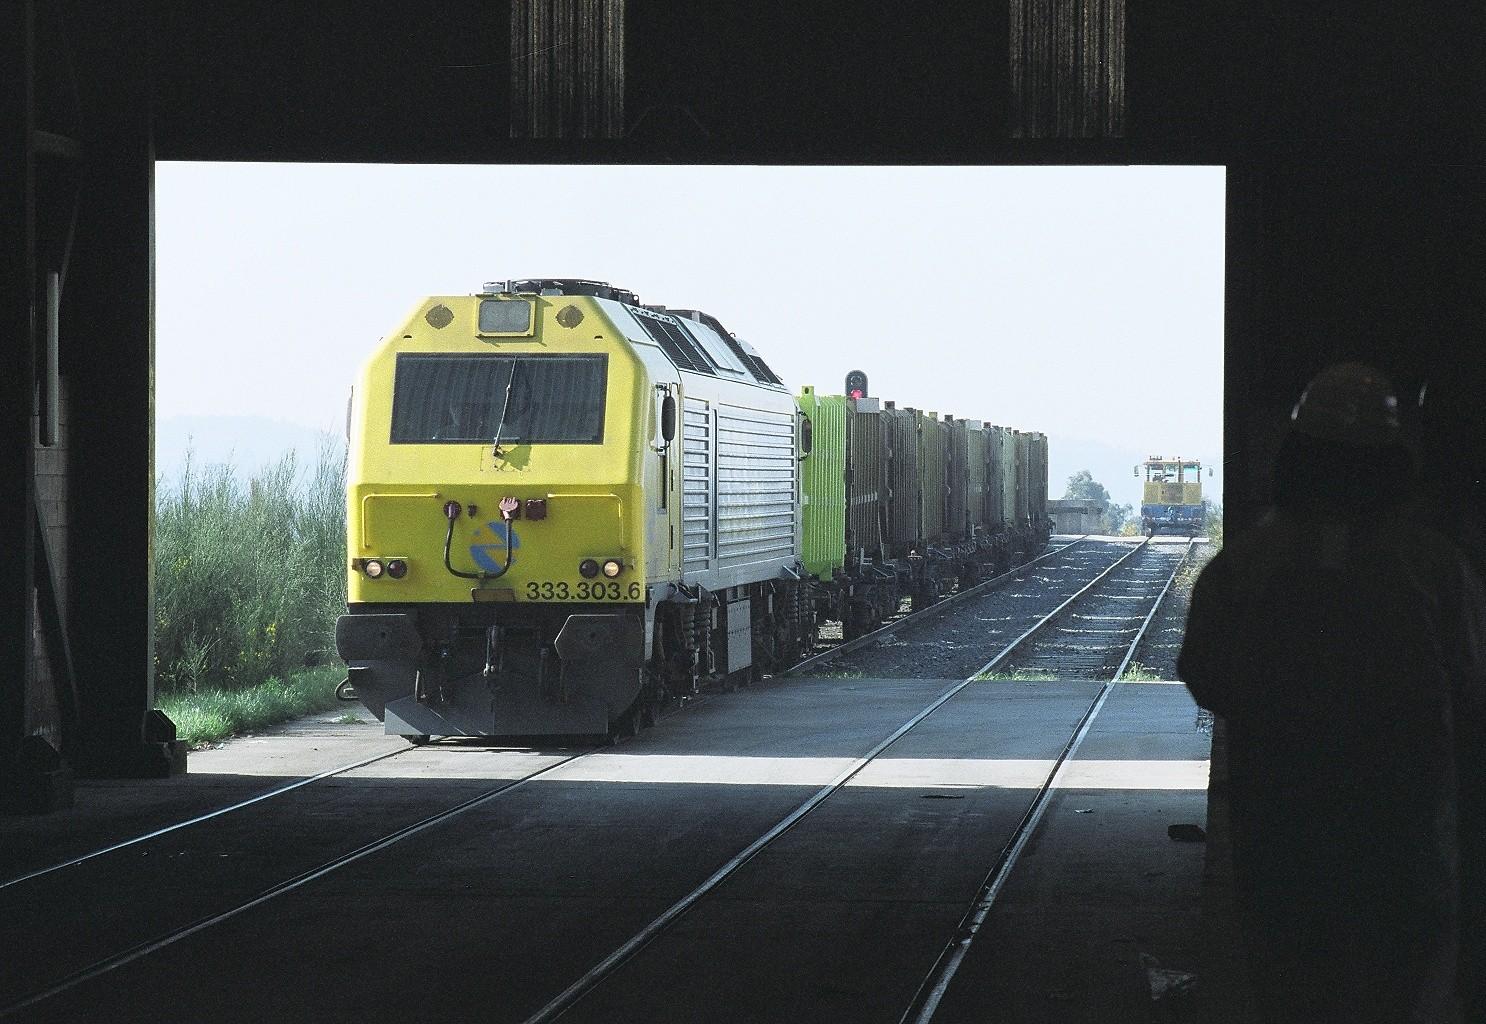 Sogama ya transporta más residuos municipales desde las plantas de transferencia por tren que por carretera